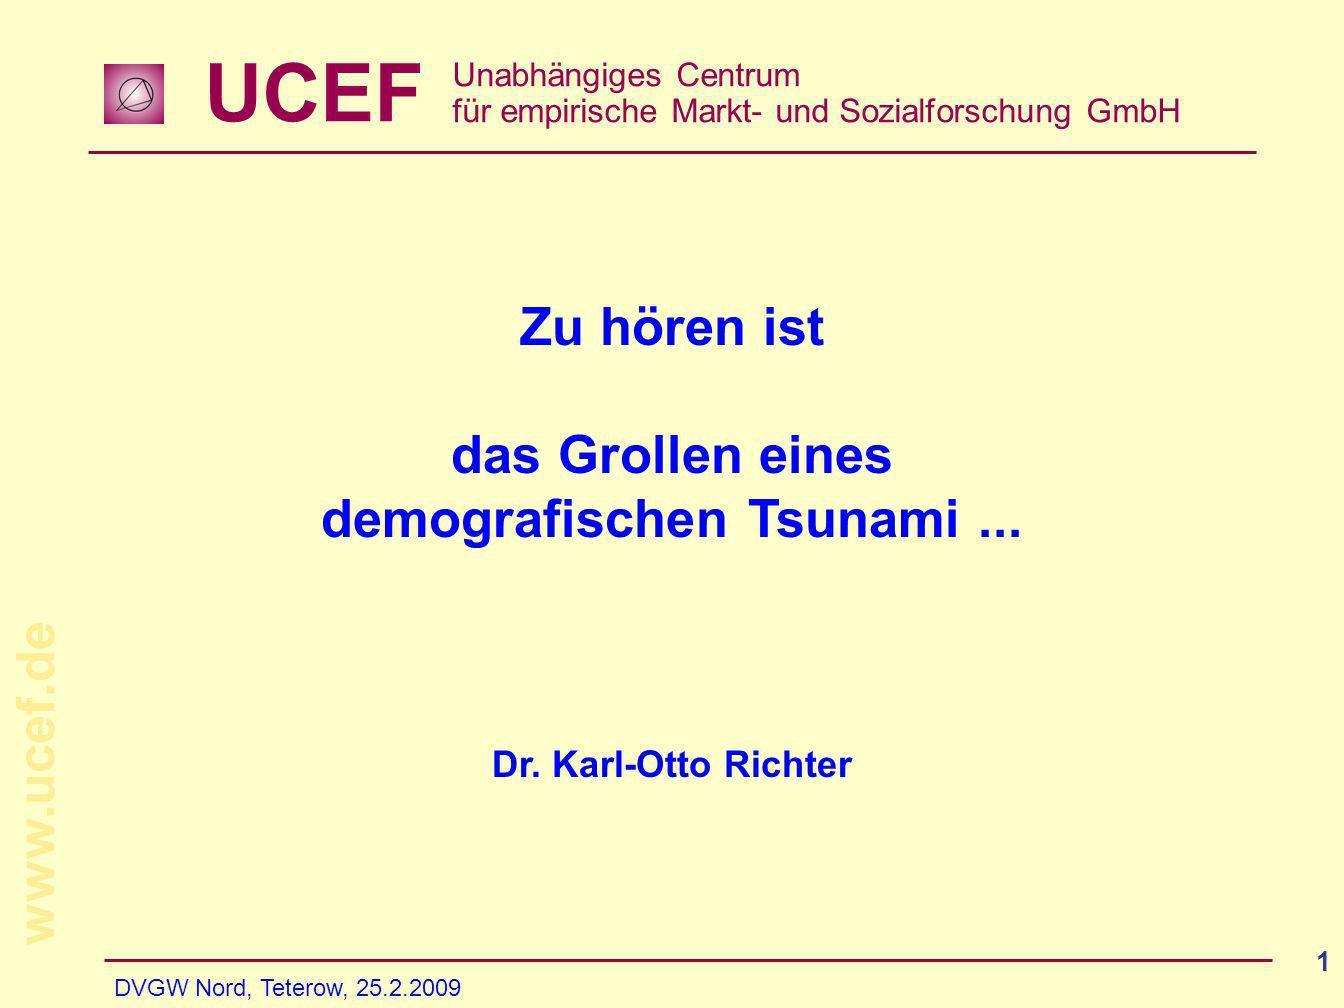 UCEF Unabhängiges Centrum für empirische Markt- und Sozialforschung GmbH www.ucef.de DVGW Nord, Teterow, 25.2.2009 12